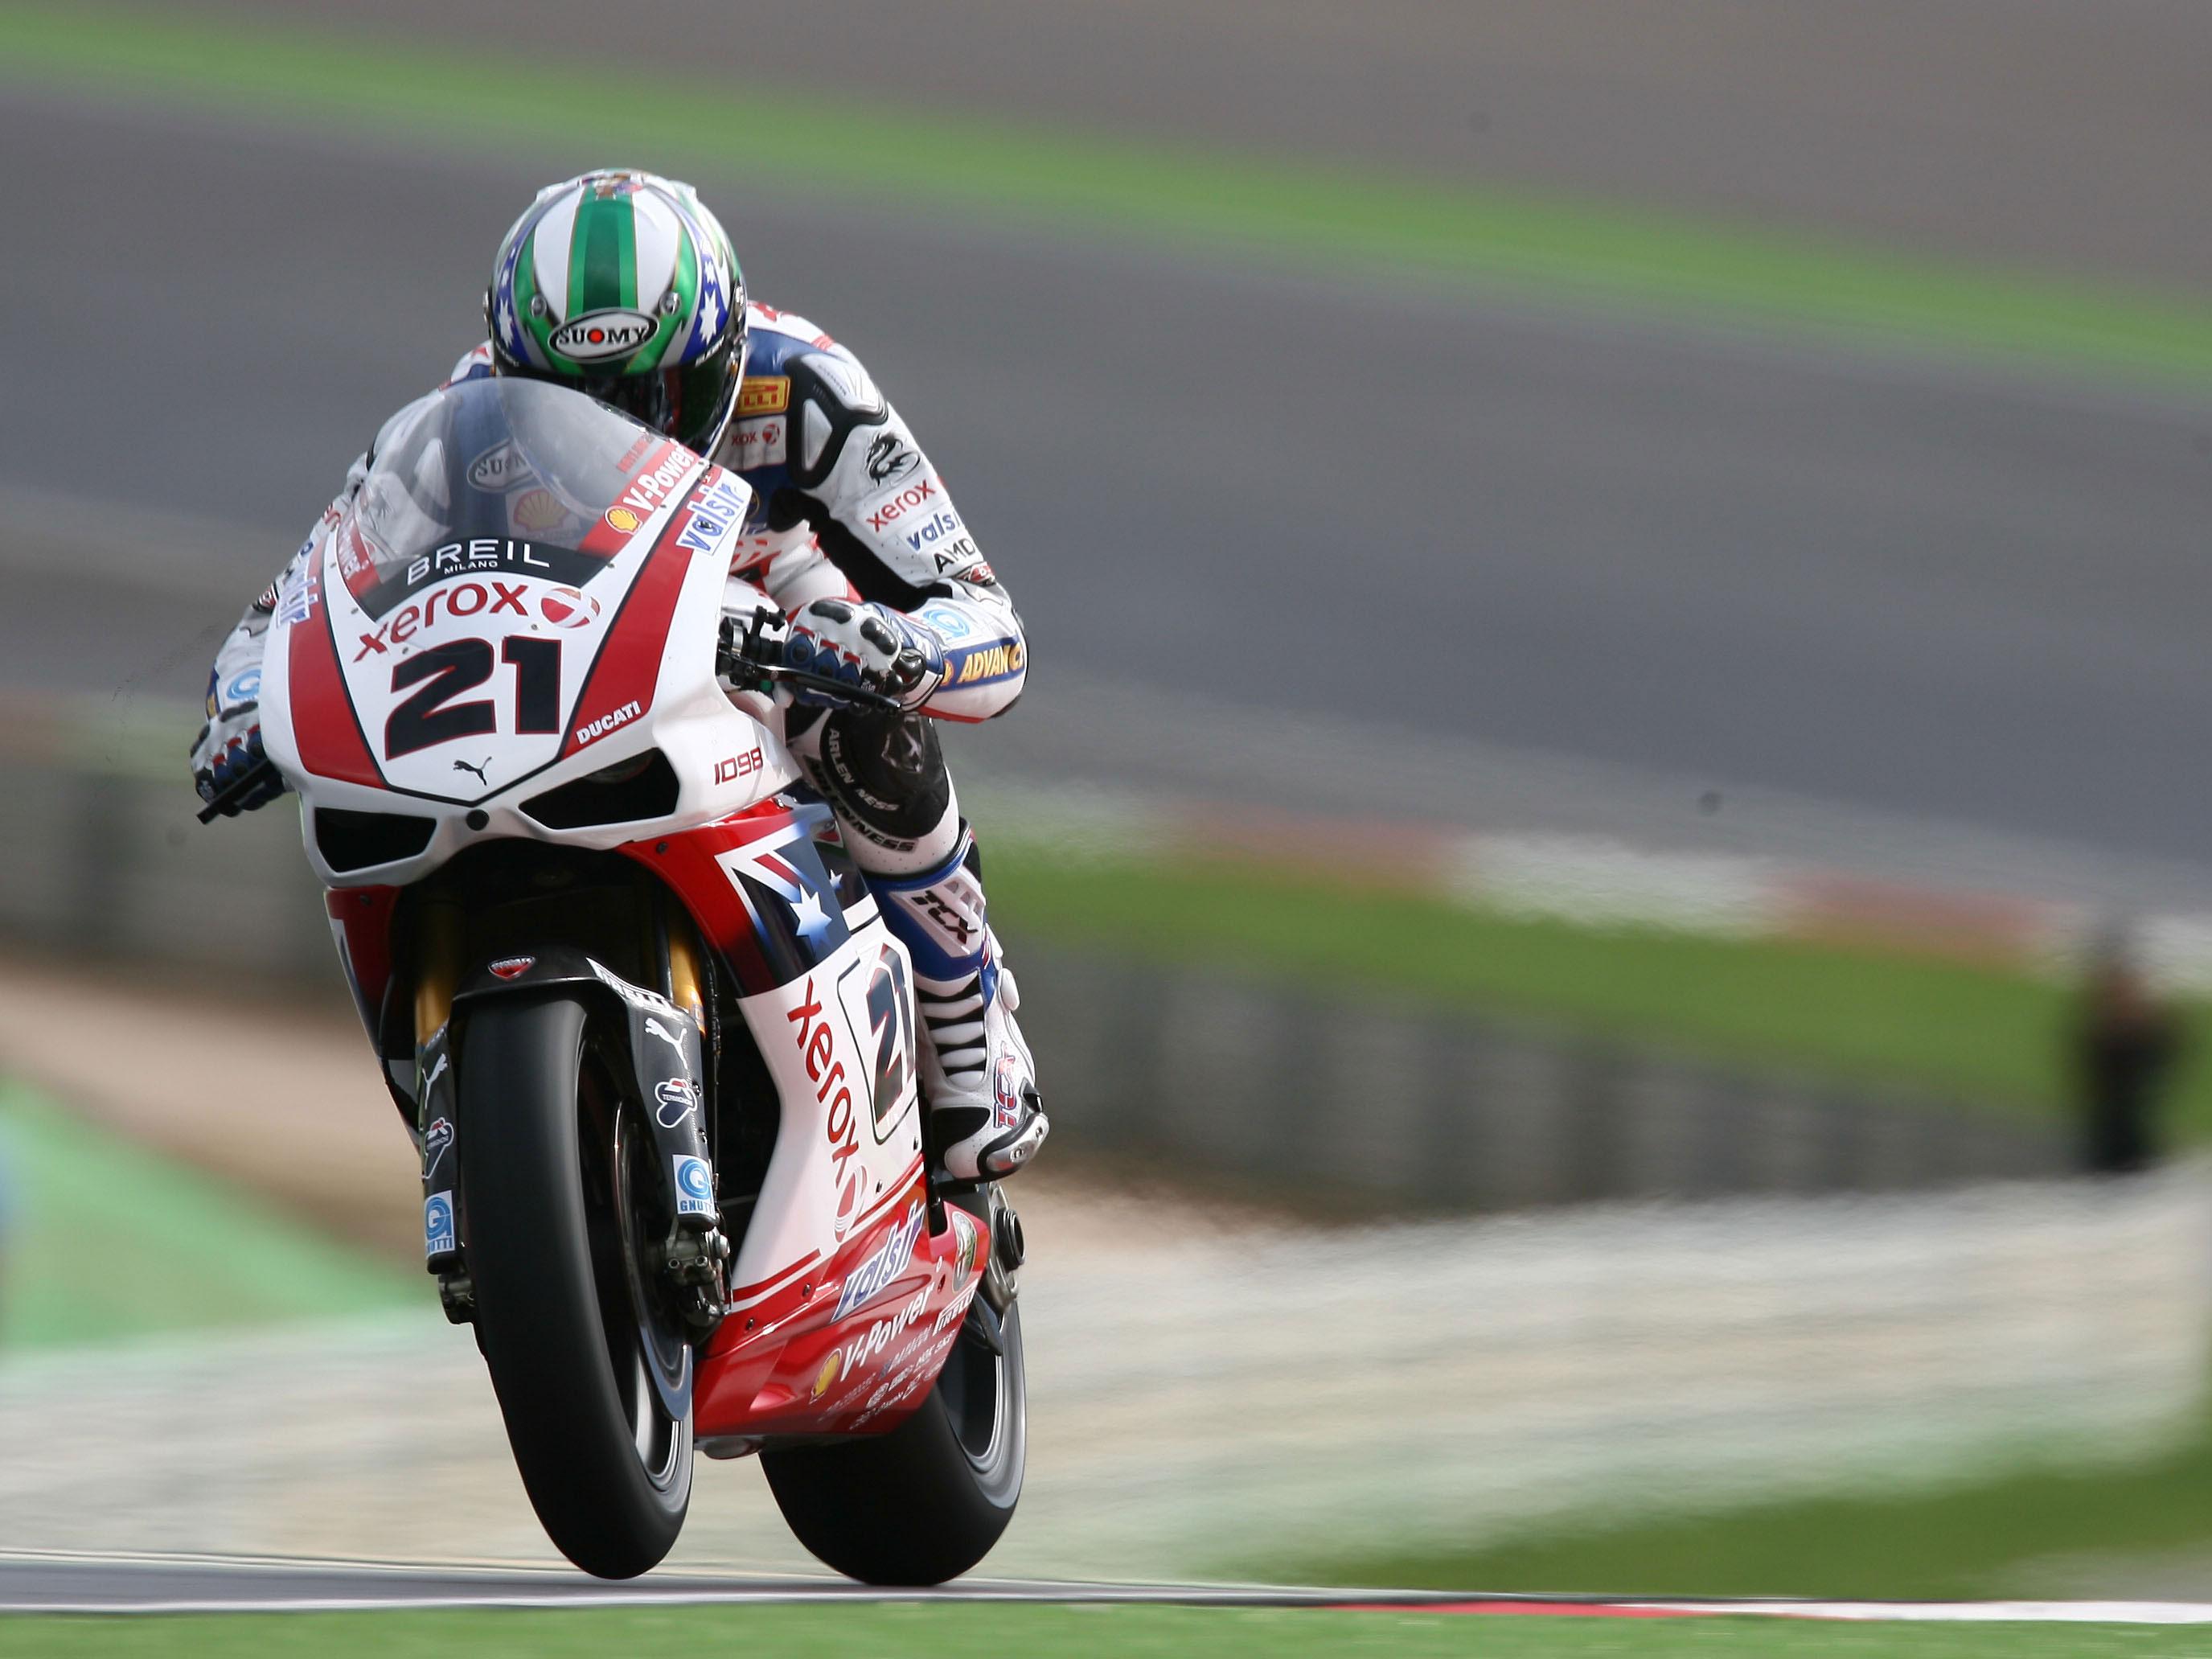 """Bayliss (Ducati): """"Por primera vez en mi vida he llevado una moto perfecta"""""""